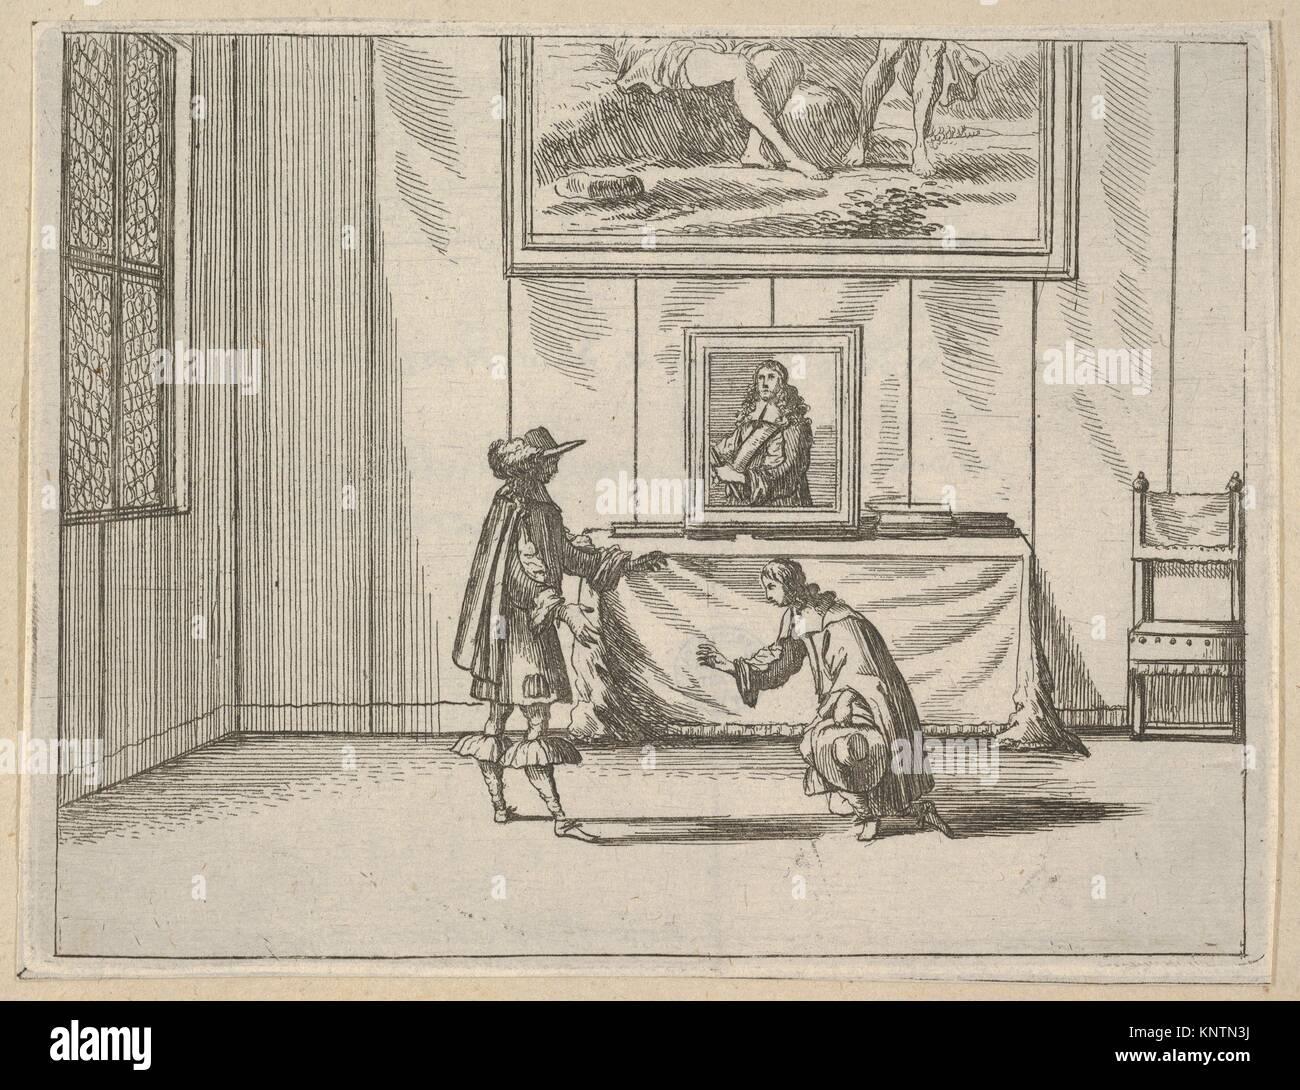 Francesco I d'Este est généreux en lui pardonnant les délinquants, de l'idea di un principe Photo Stock